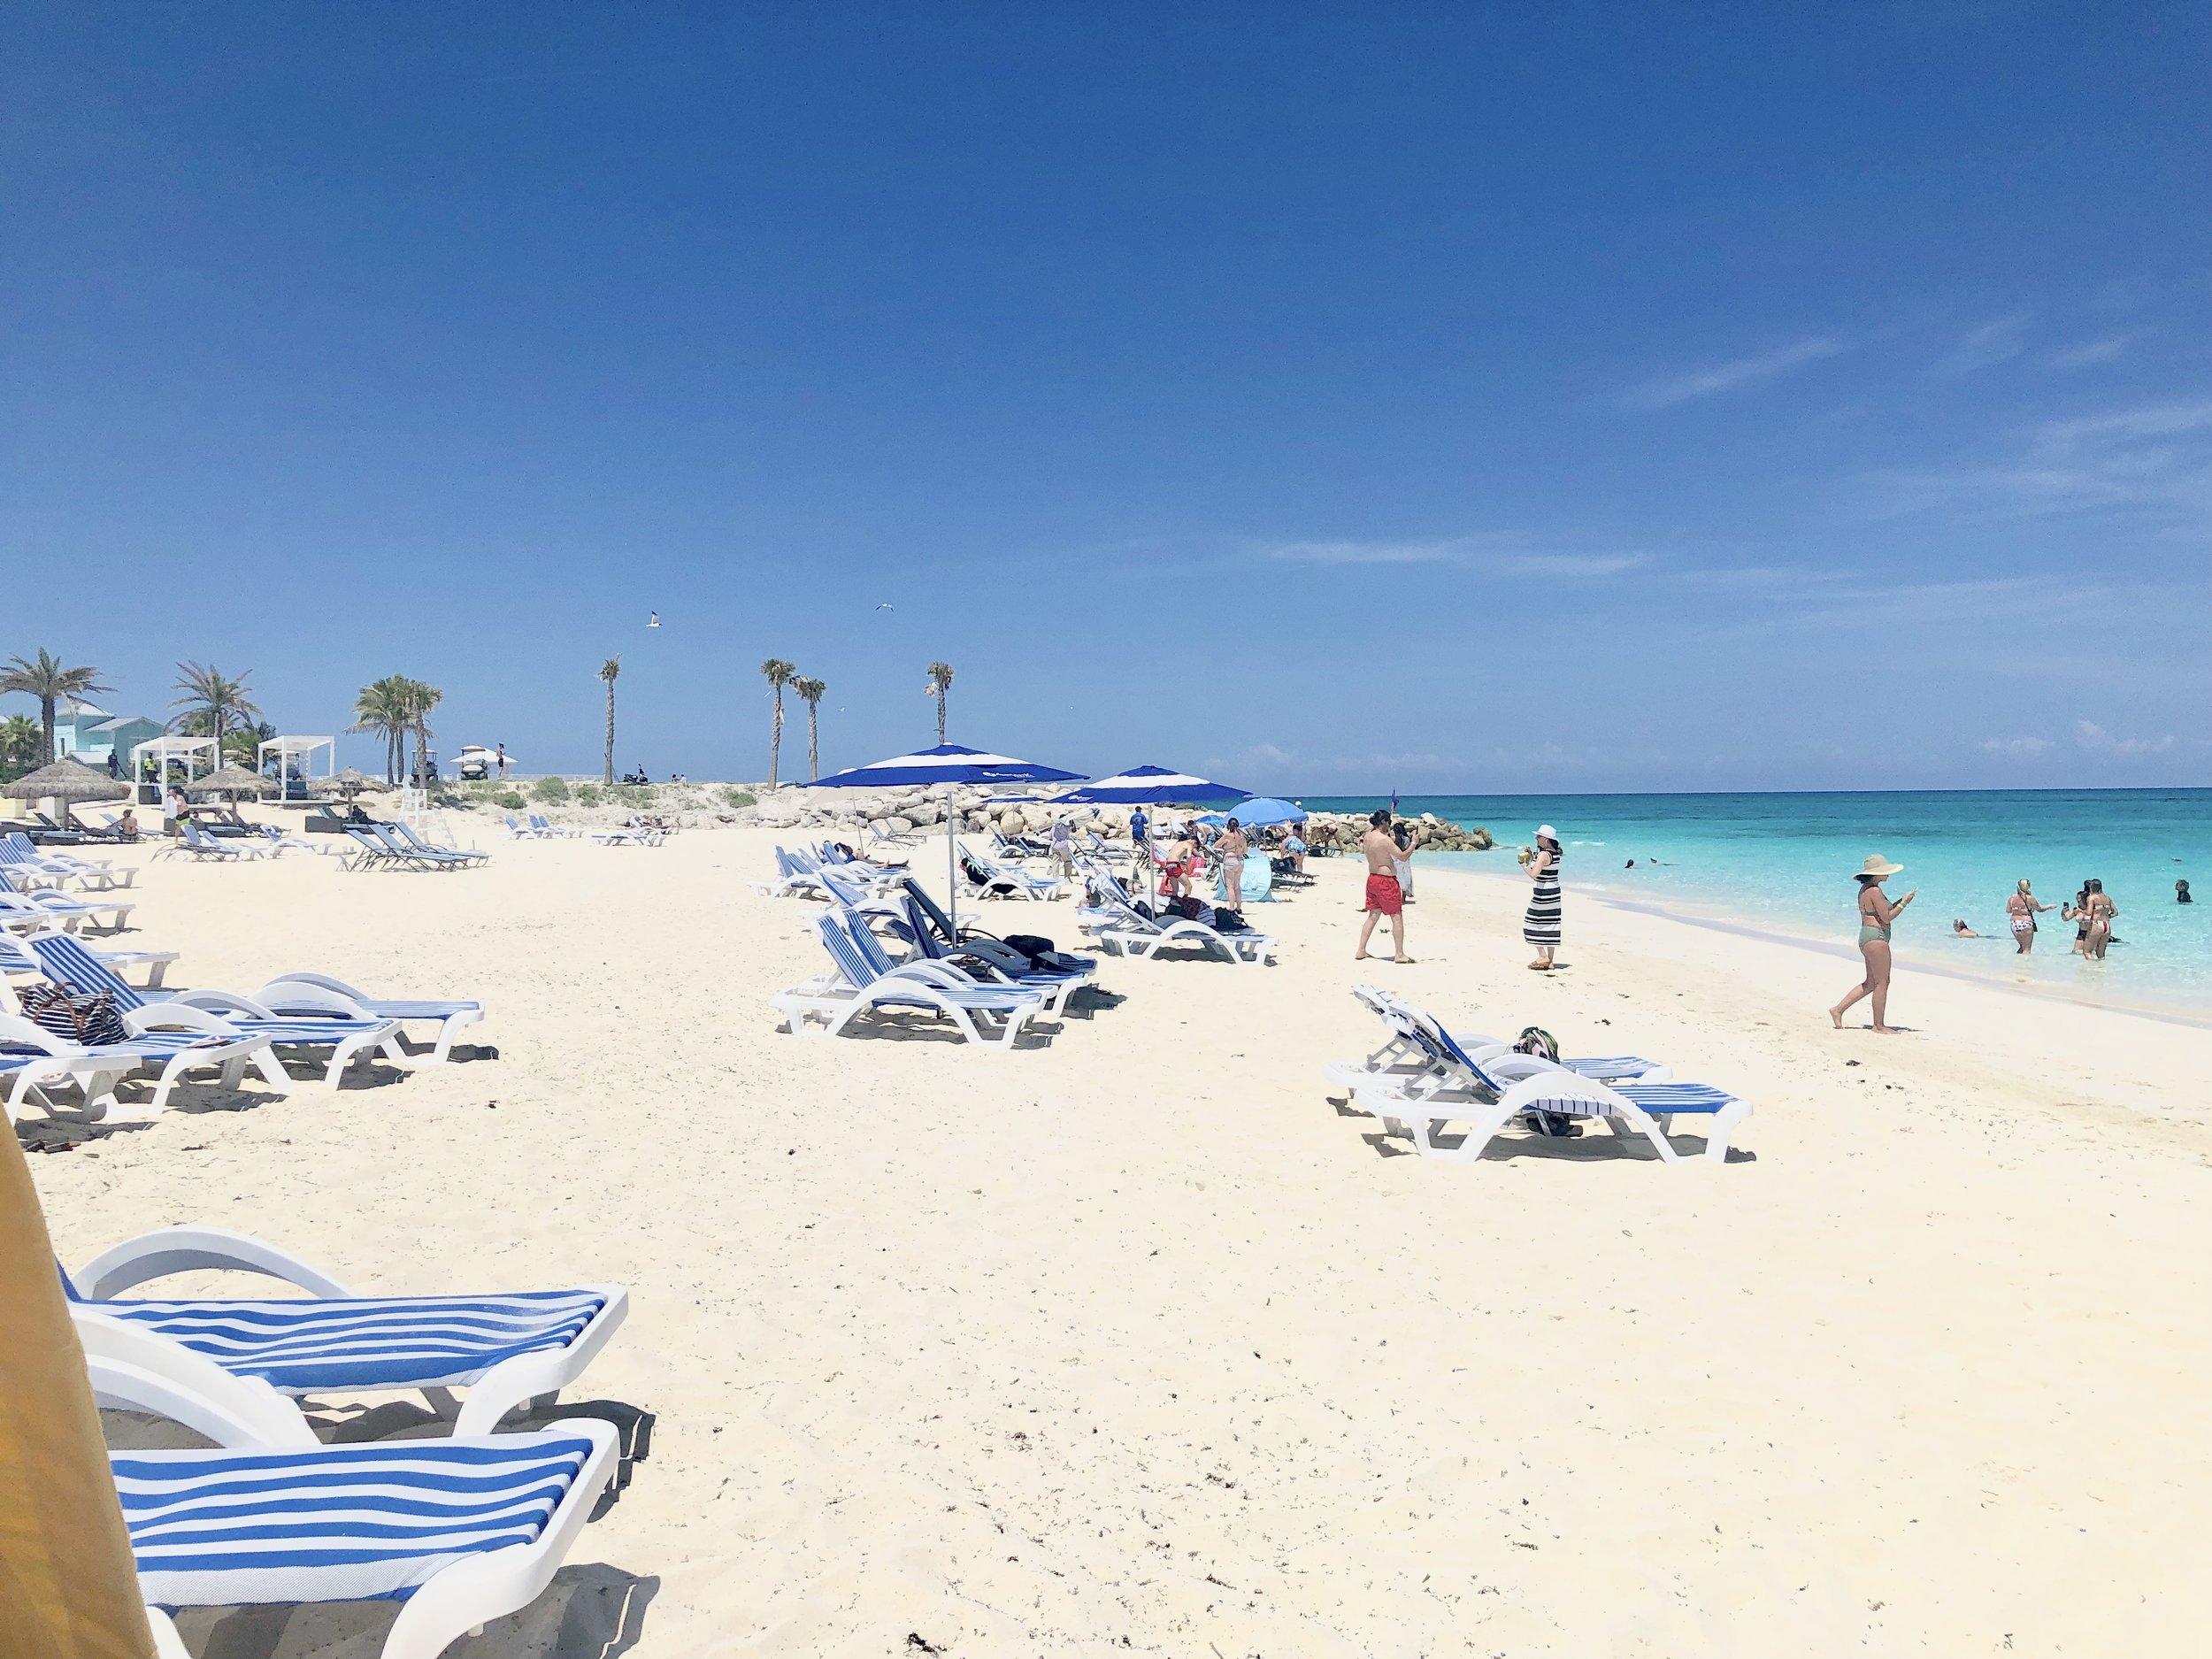 Beach at Bimini Bahamas.jpg